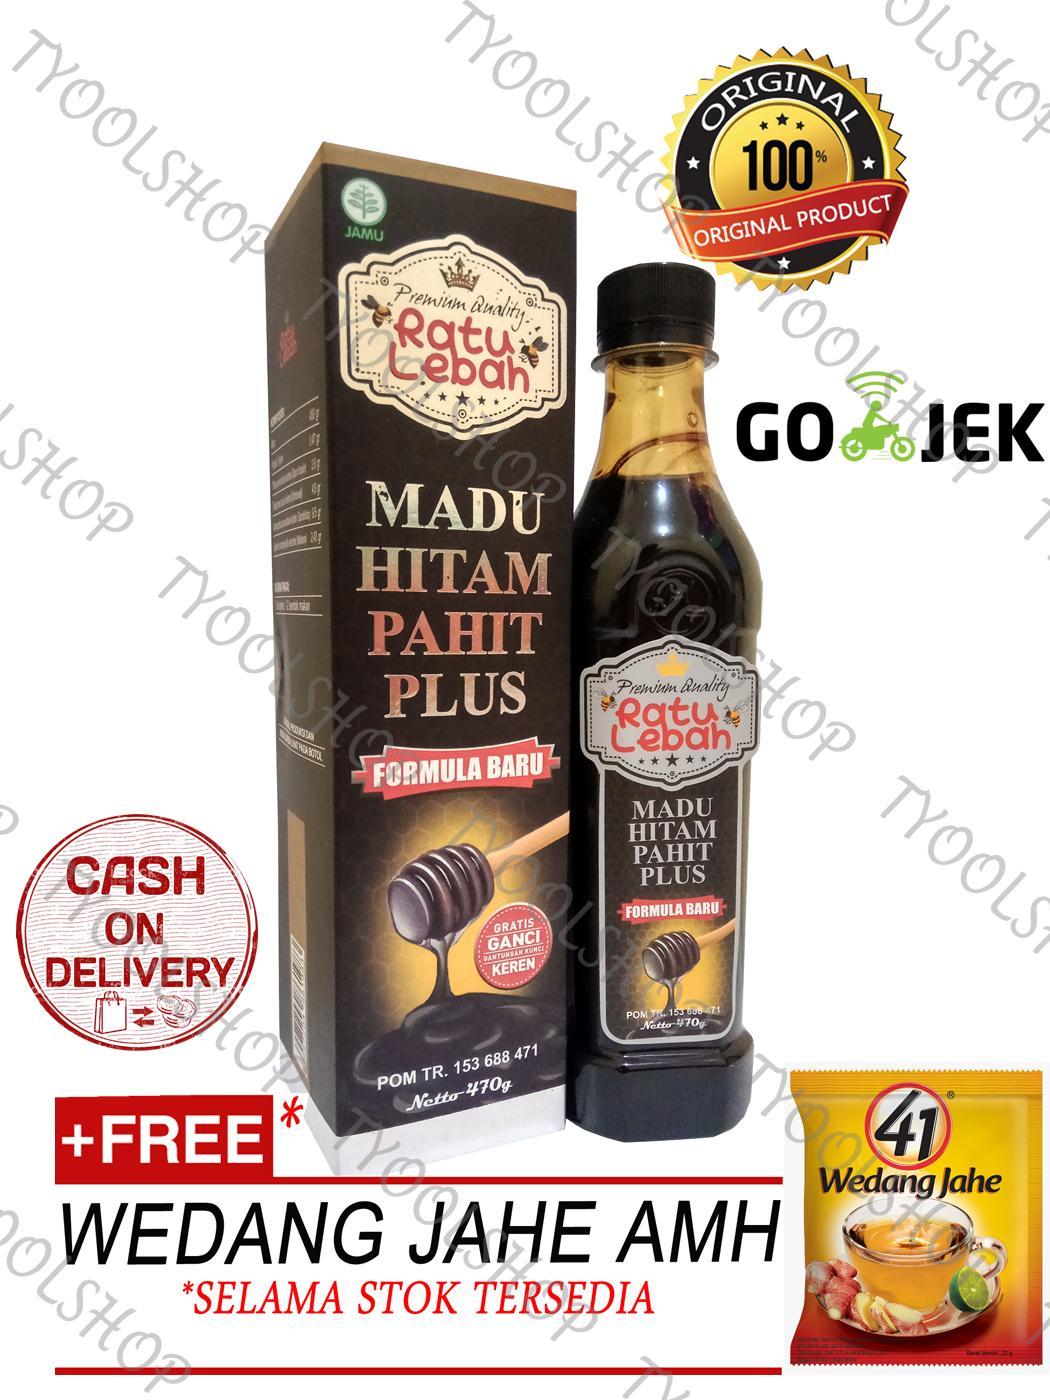 Ratu Lebah Original 100%- Madu Hitam Pahit Propolis - 470gr + Wedang Jahe AMH*